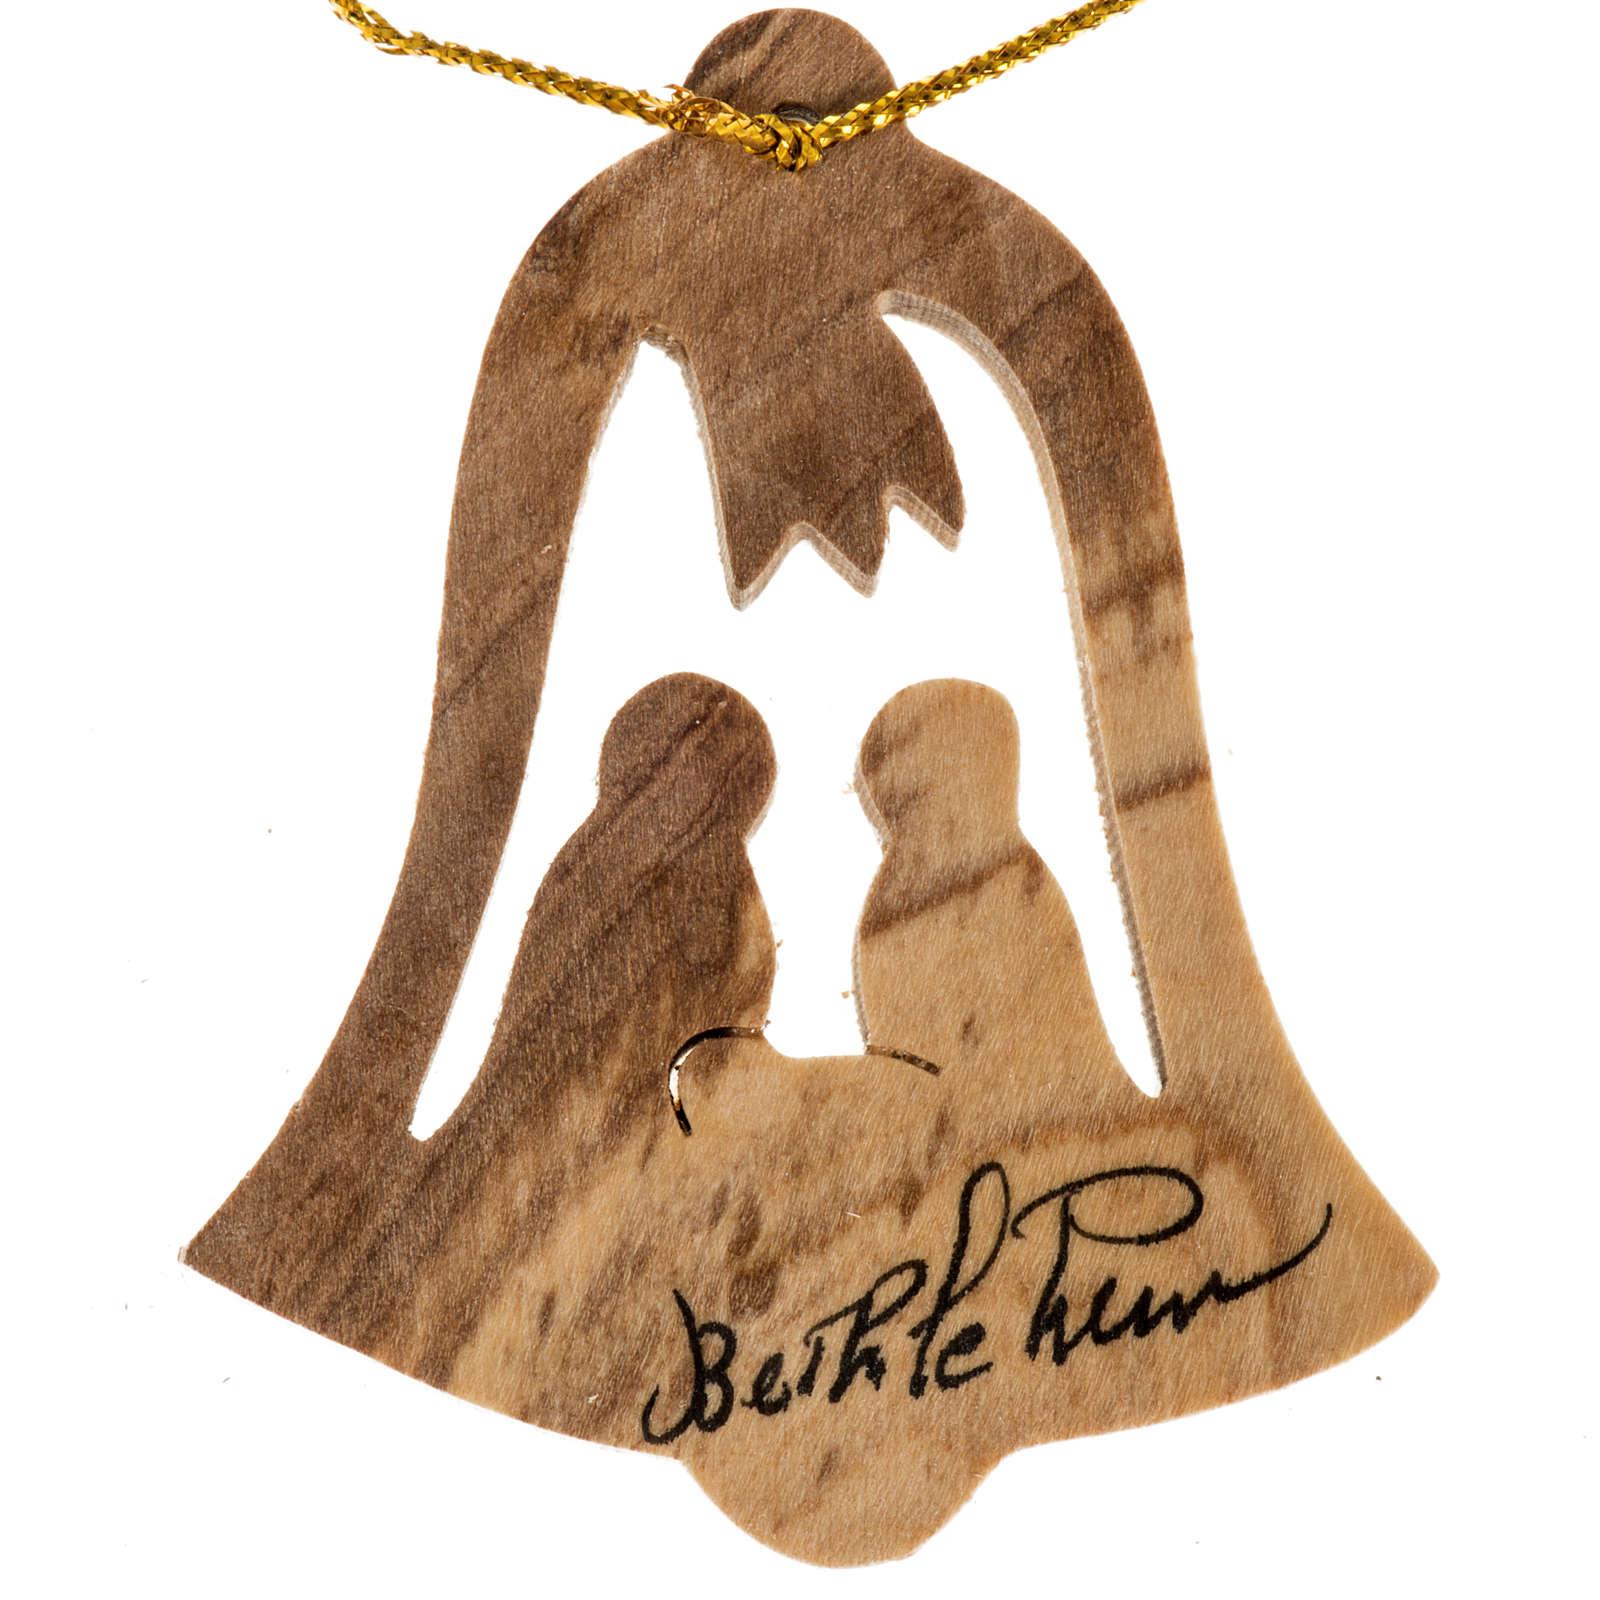 Addobbo albero legno ulivo Betllemme campana Natività 4